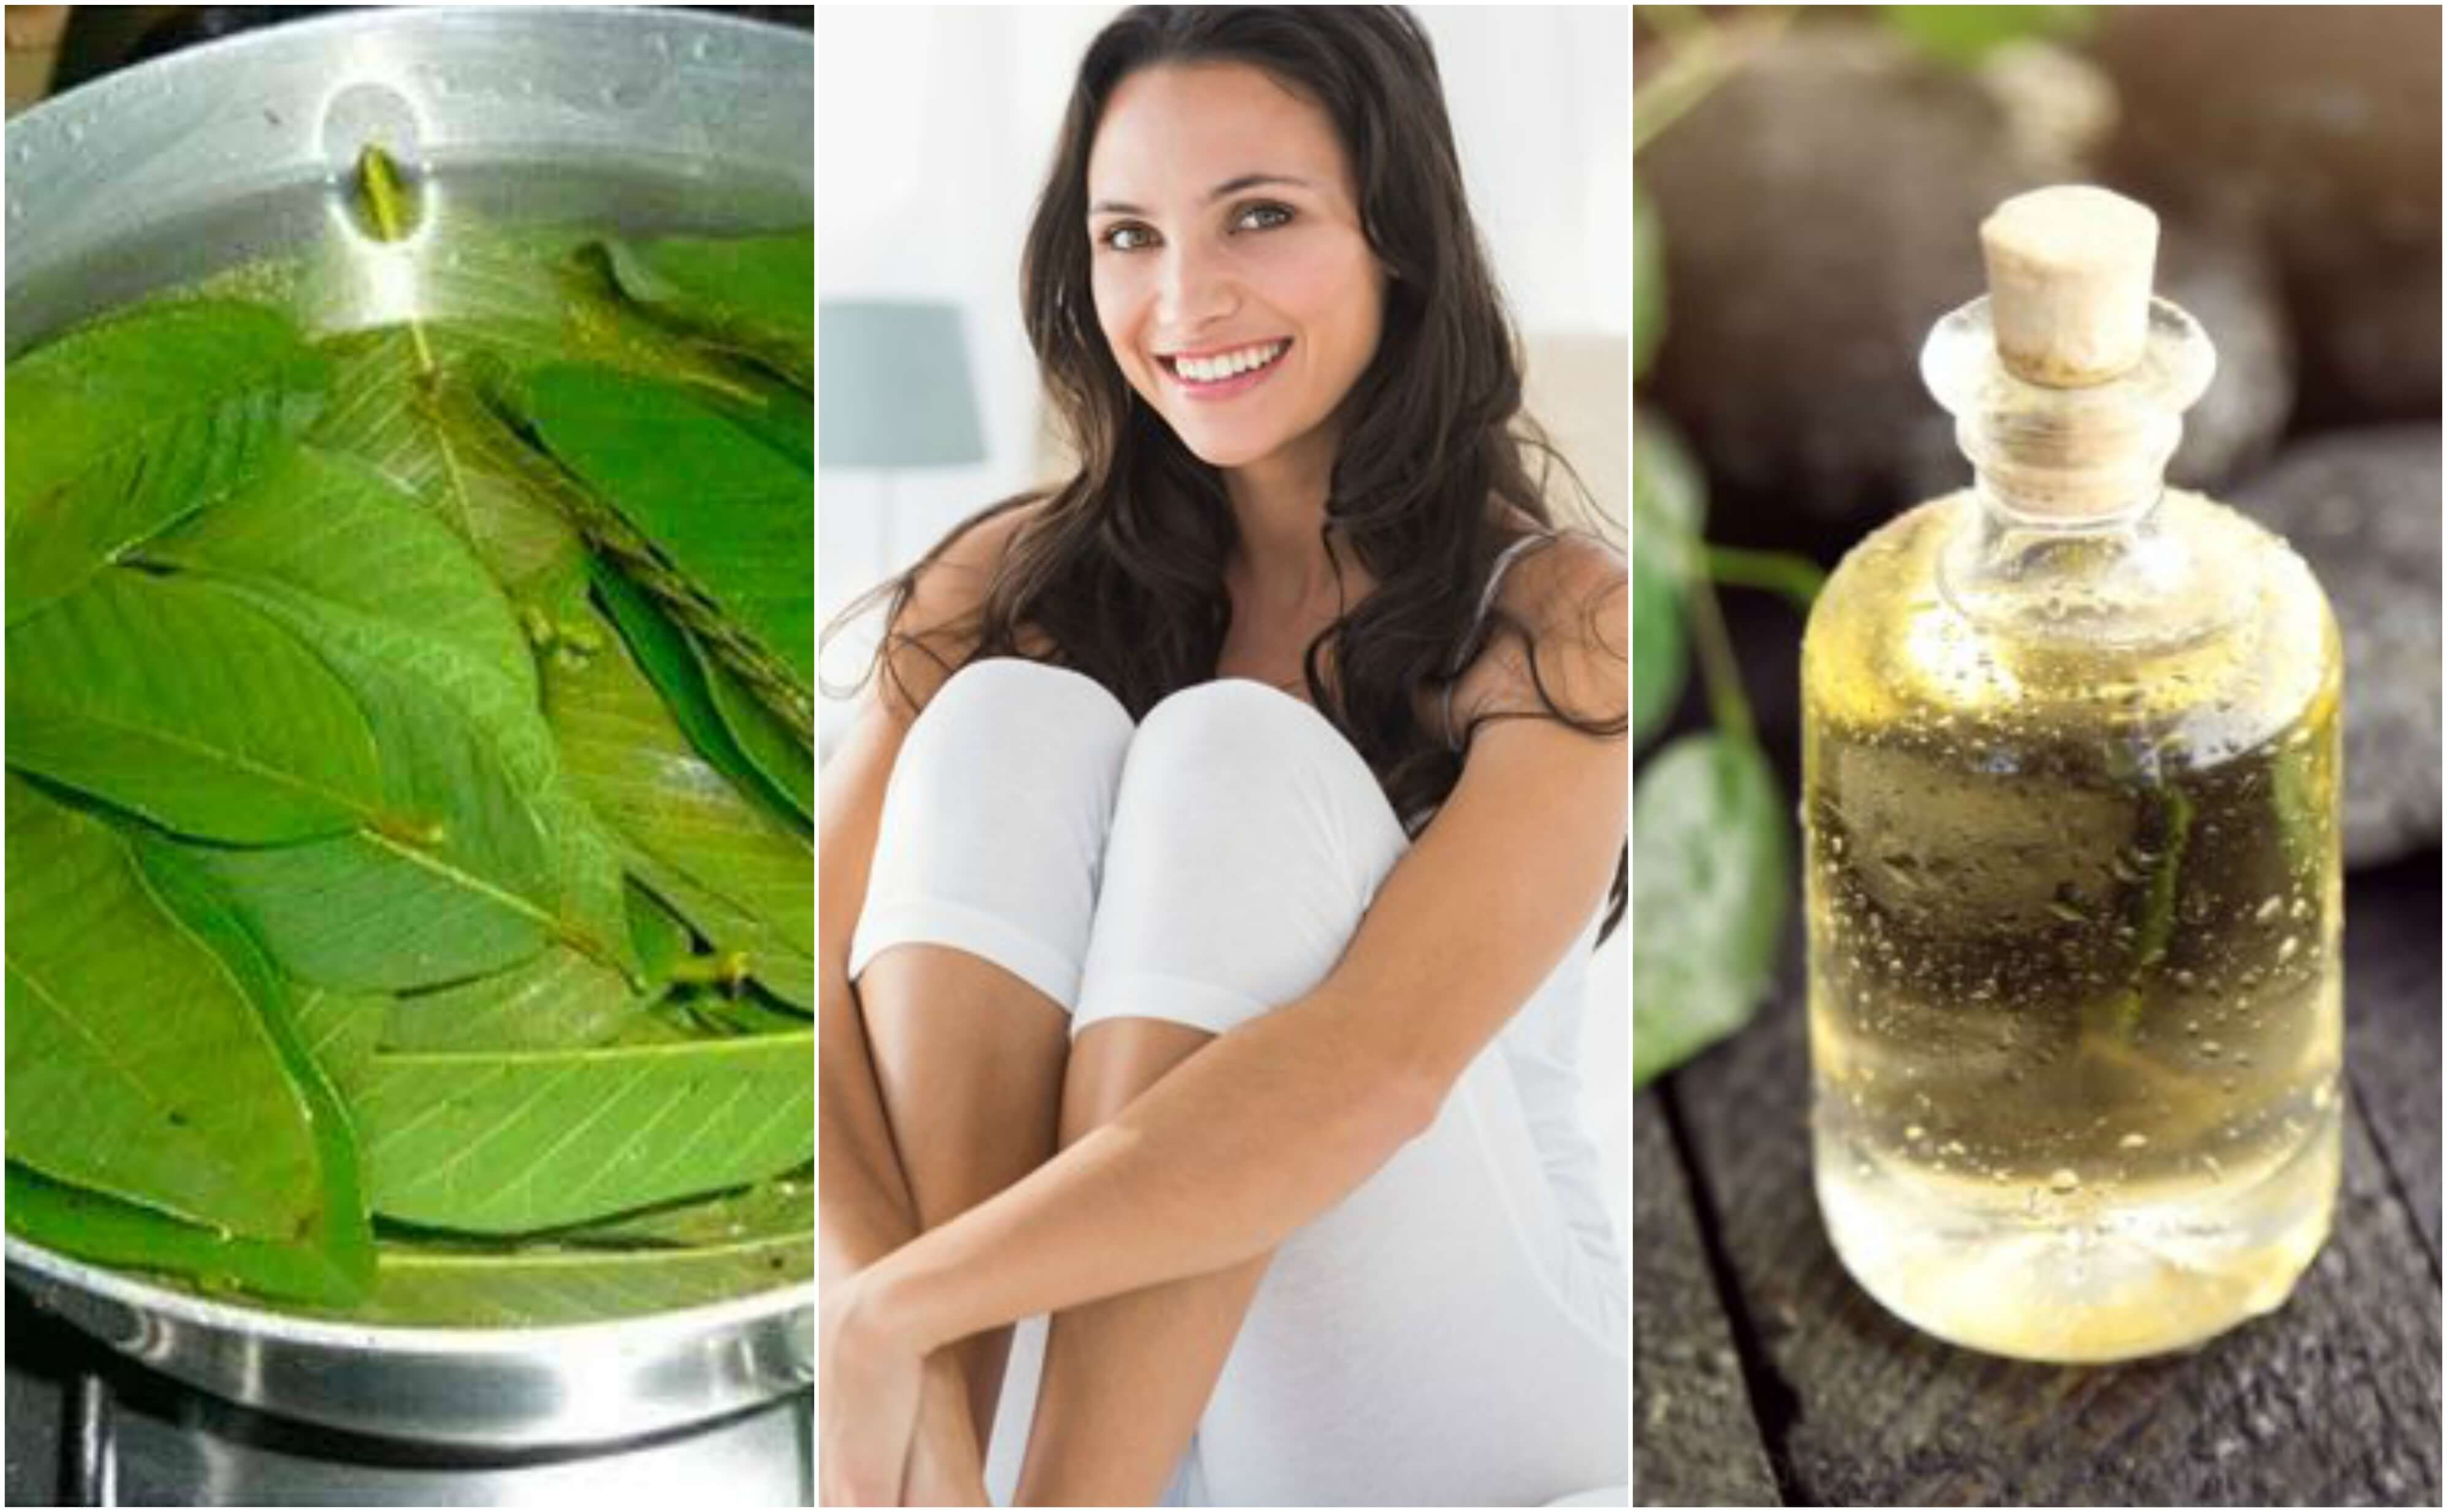 Cómo evitar el mal olor de la zona íntima con 5 remedios caseros